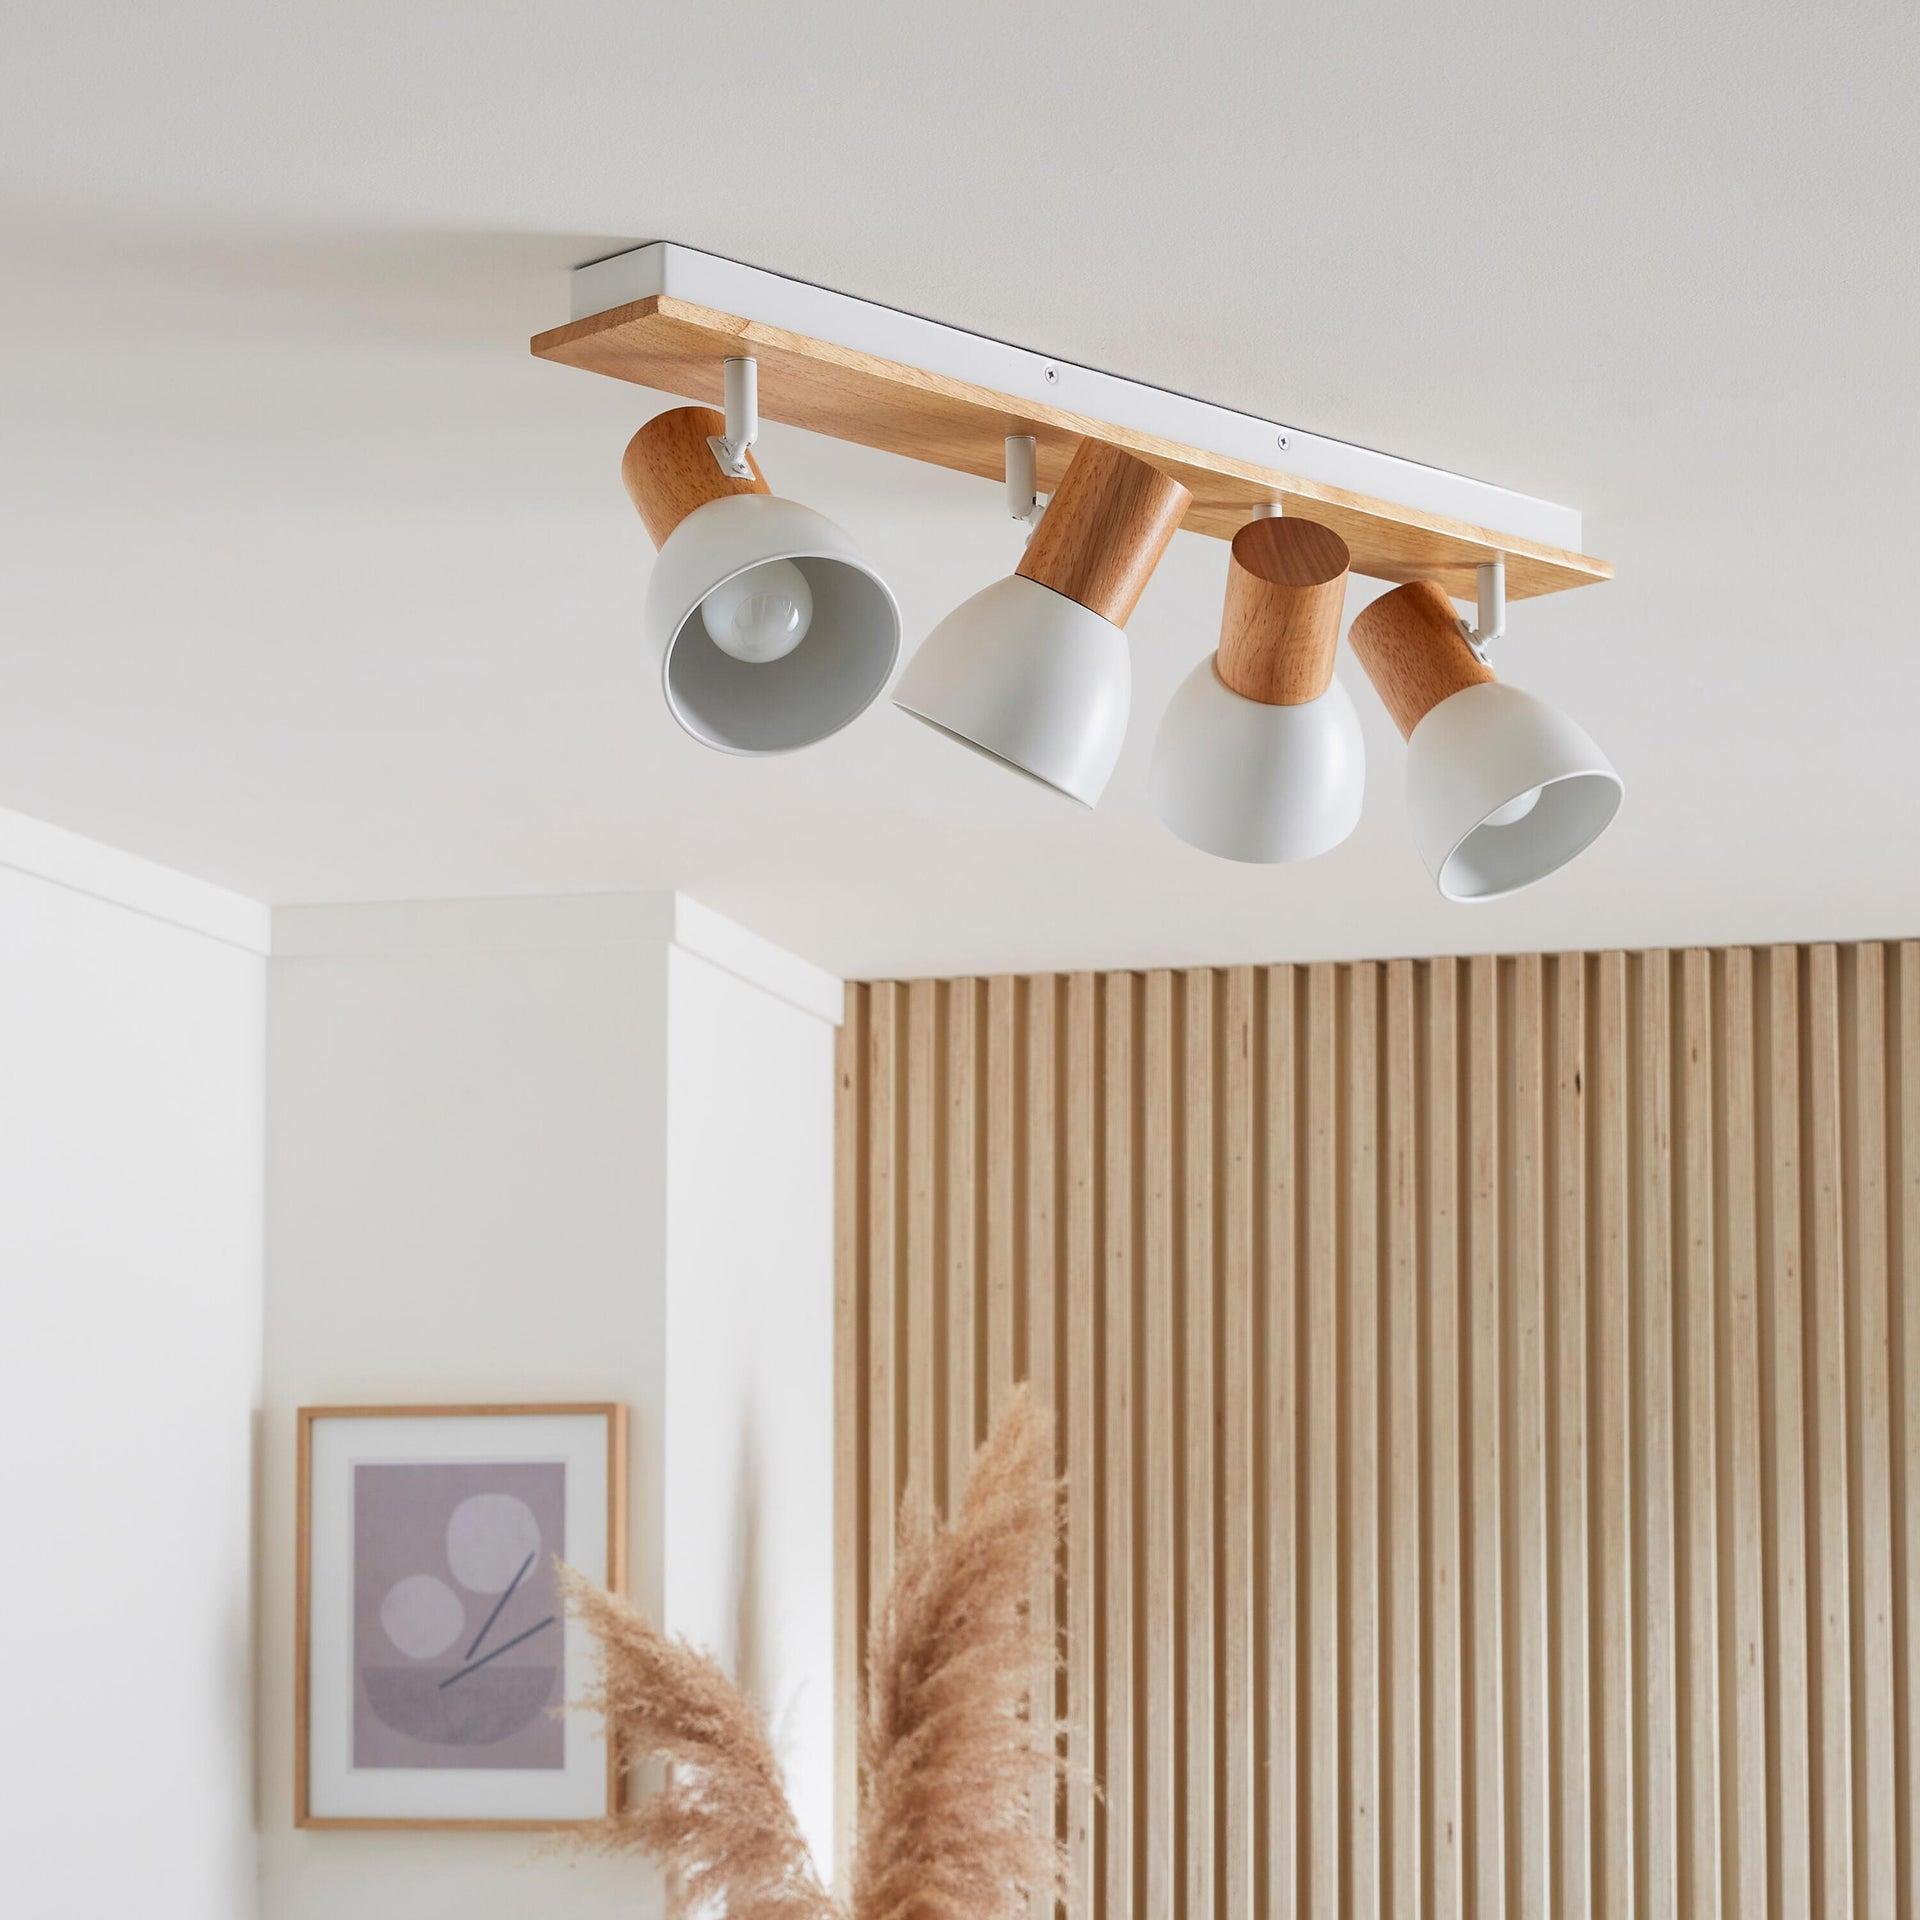 Faretto a muro Venosa bianco/legno, in metallo, E14 4xIP20 INSPIRE - 4